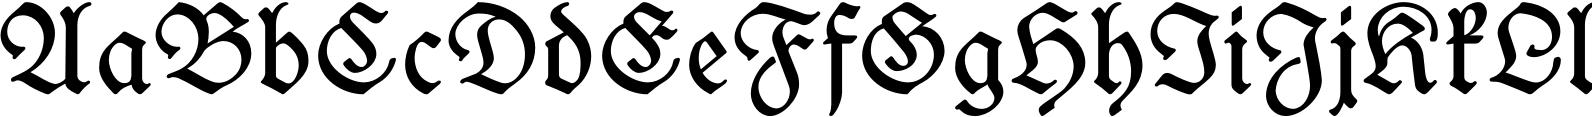 Wieynck Fraktur